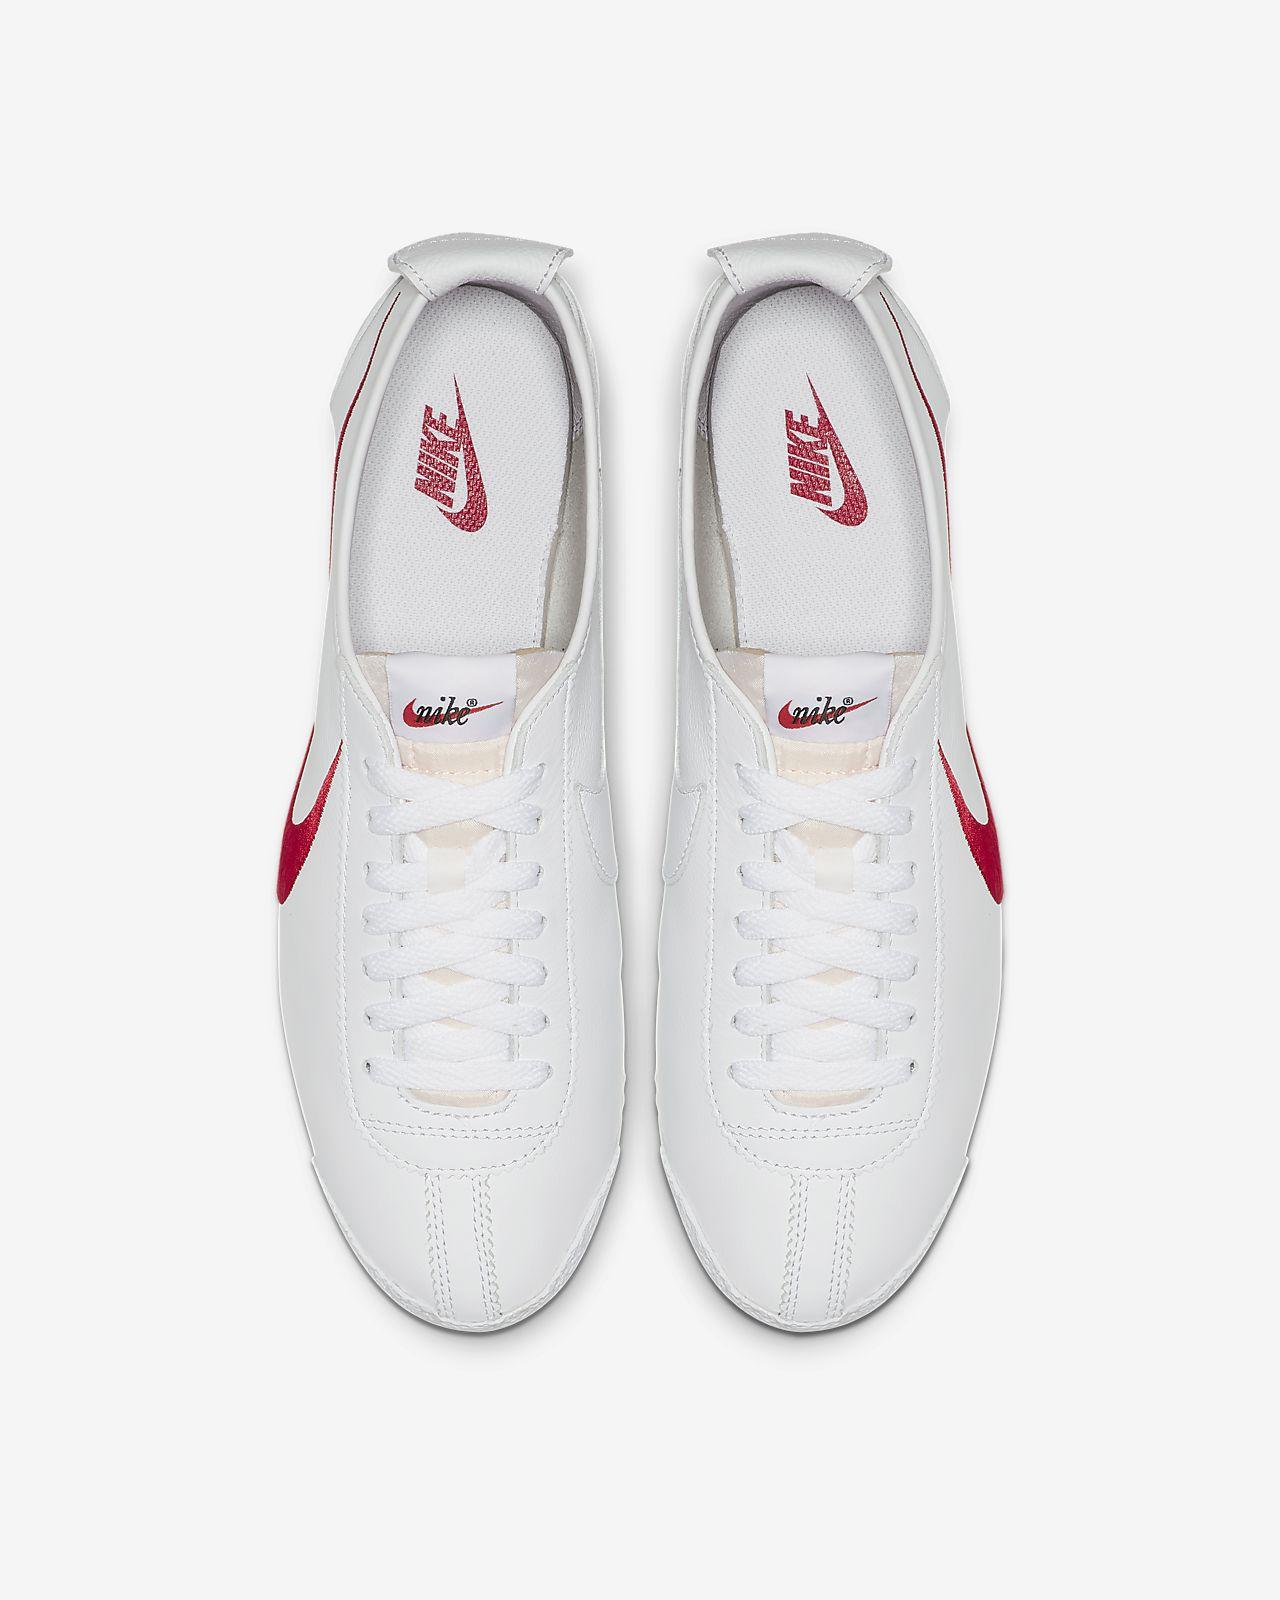 nowe przyloty o rozsądnej cenie sprawdzić Nike Cortez '72 S.D. Men's Shoe